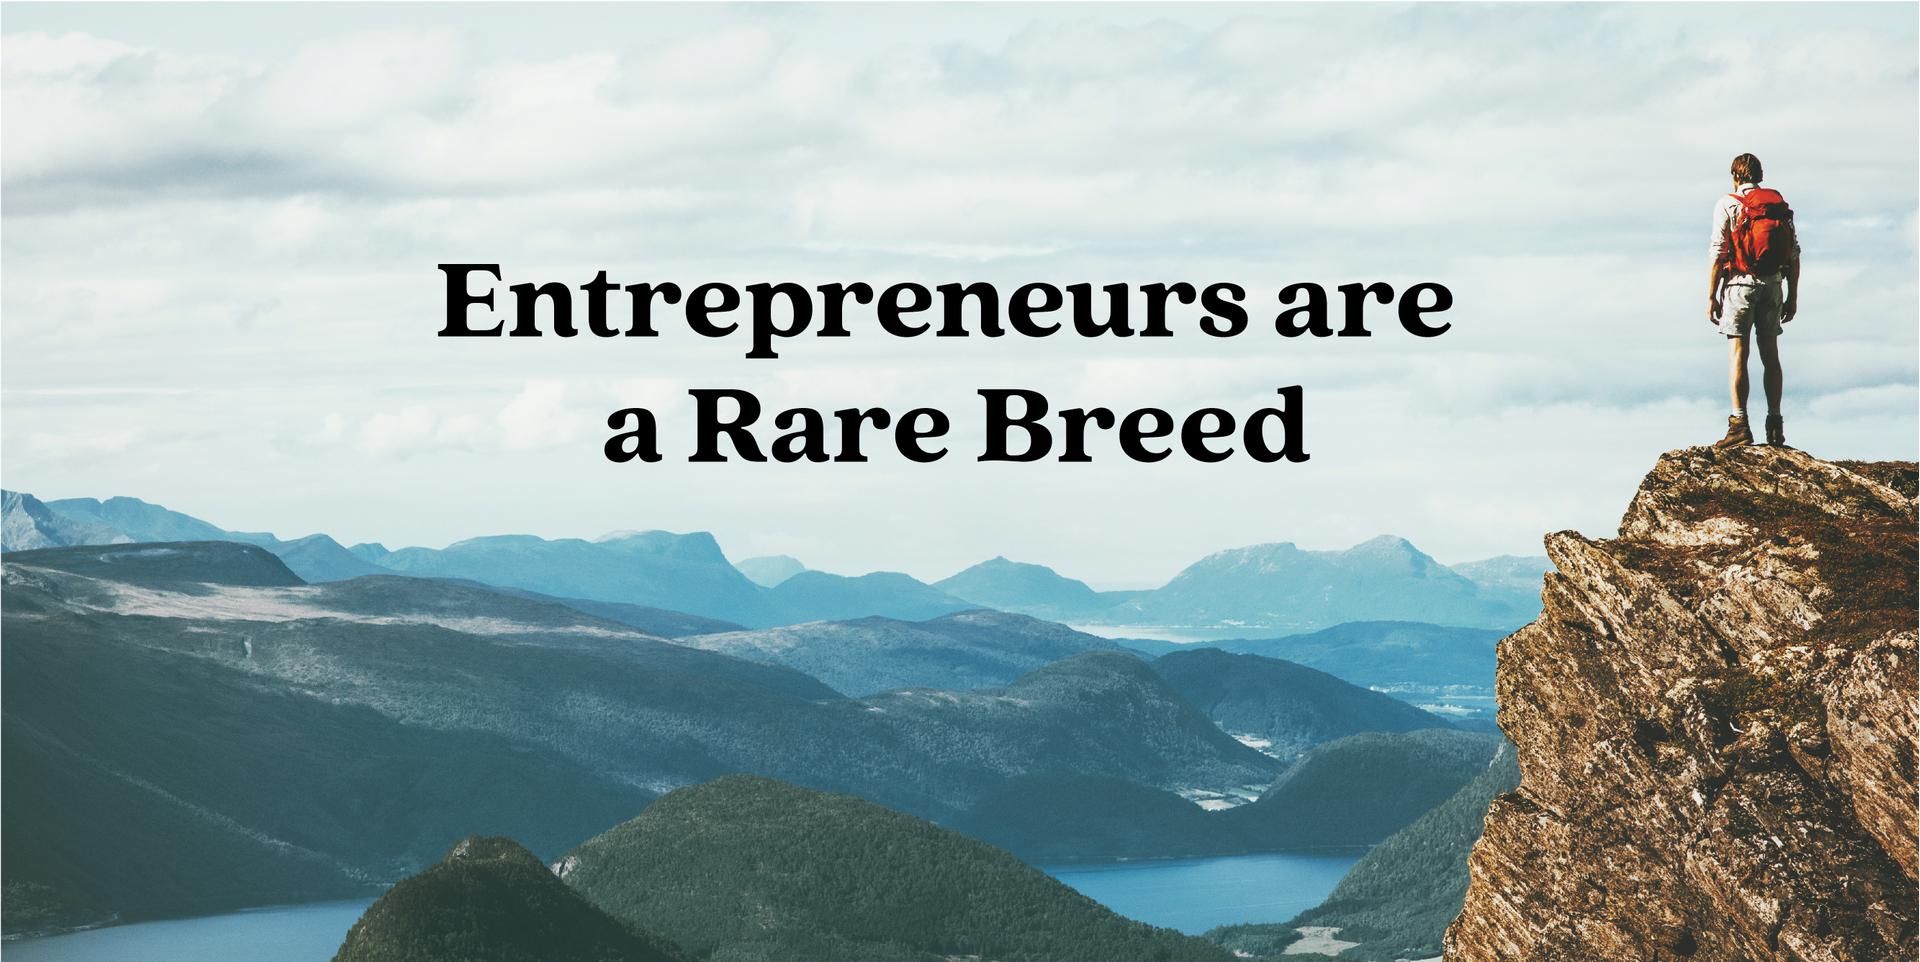 Entrepreneurs are a Rare Breed